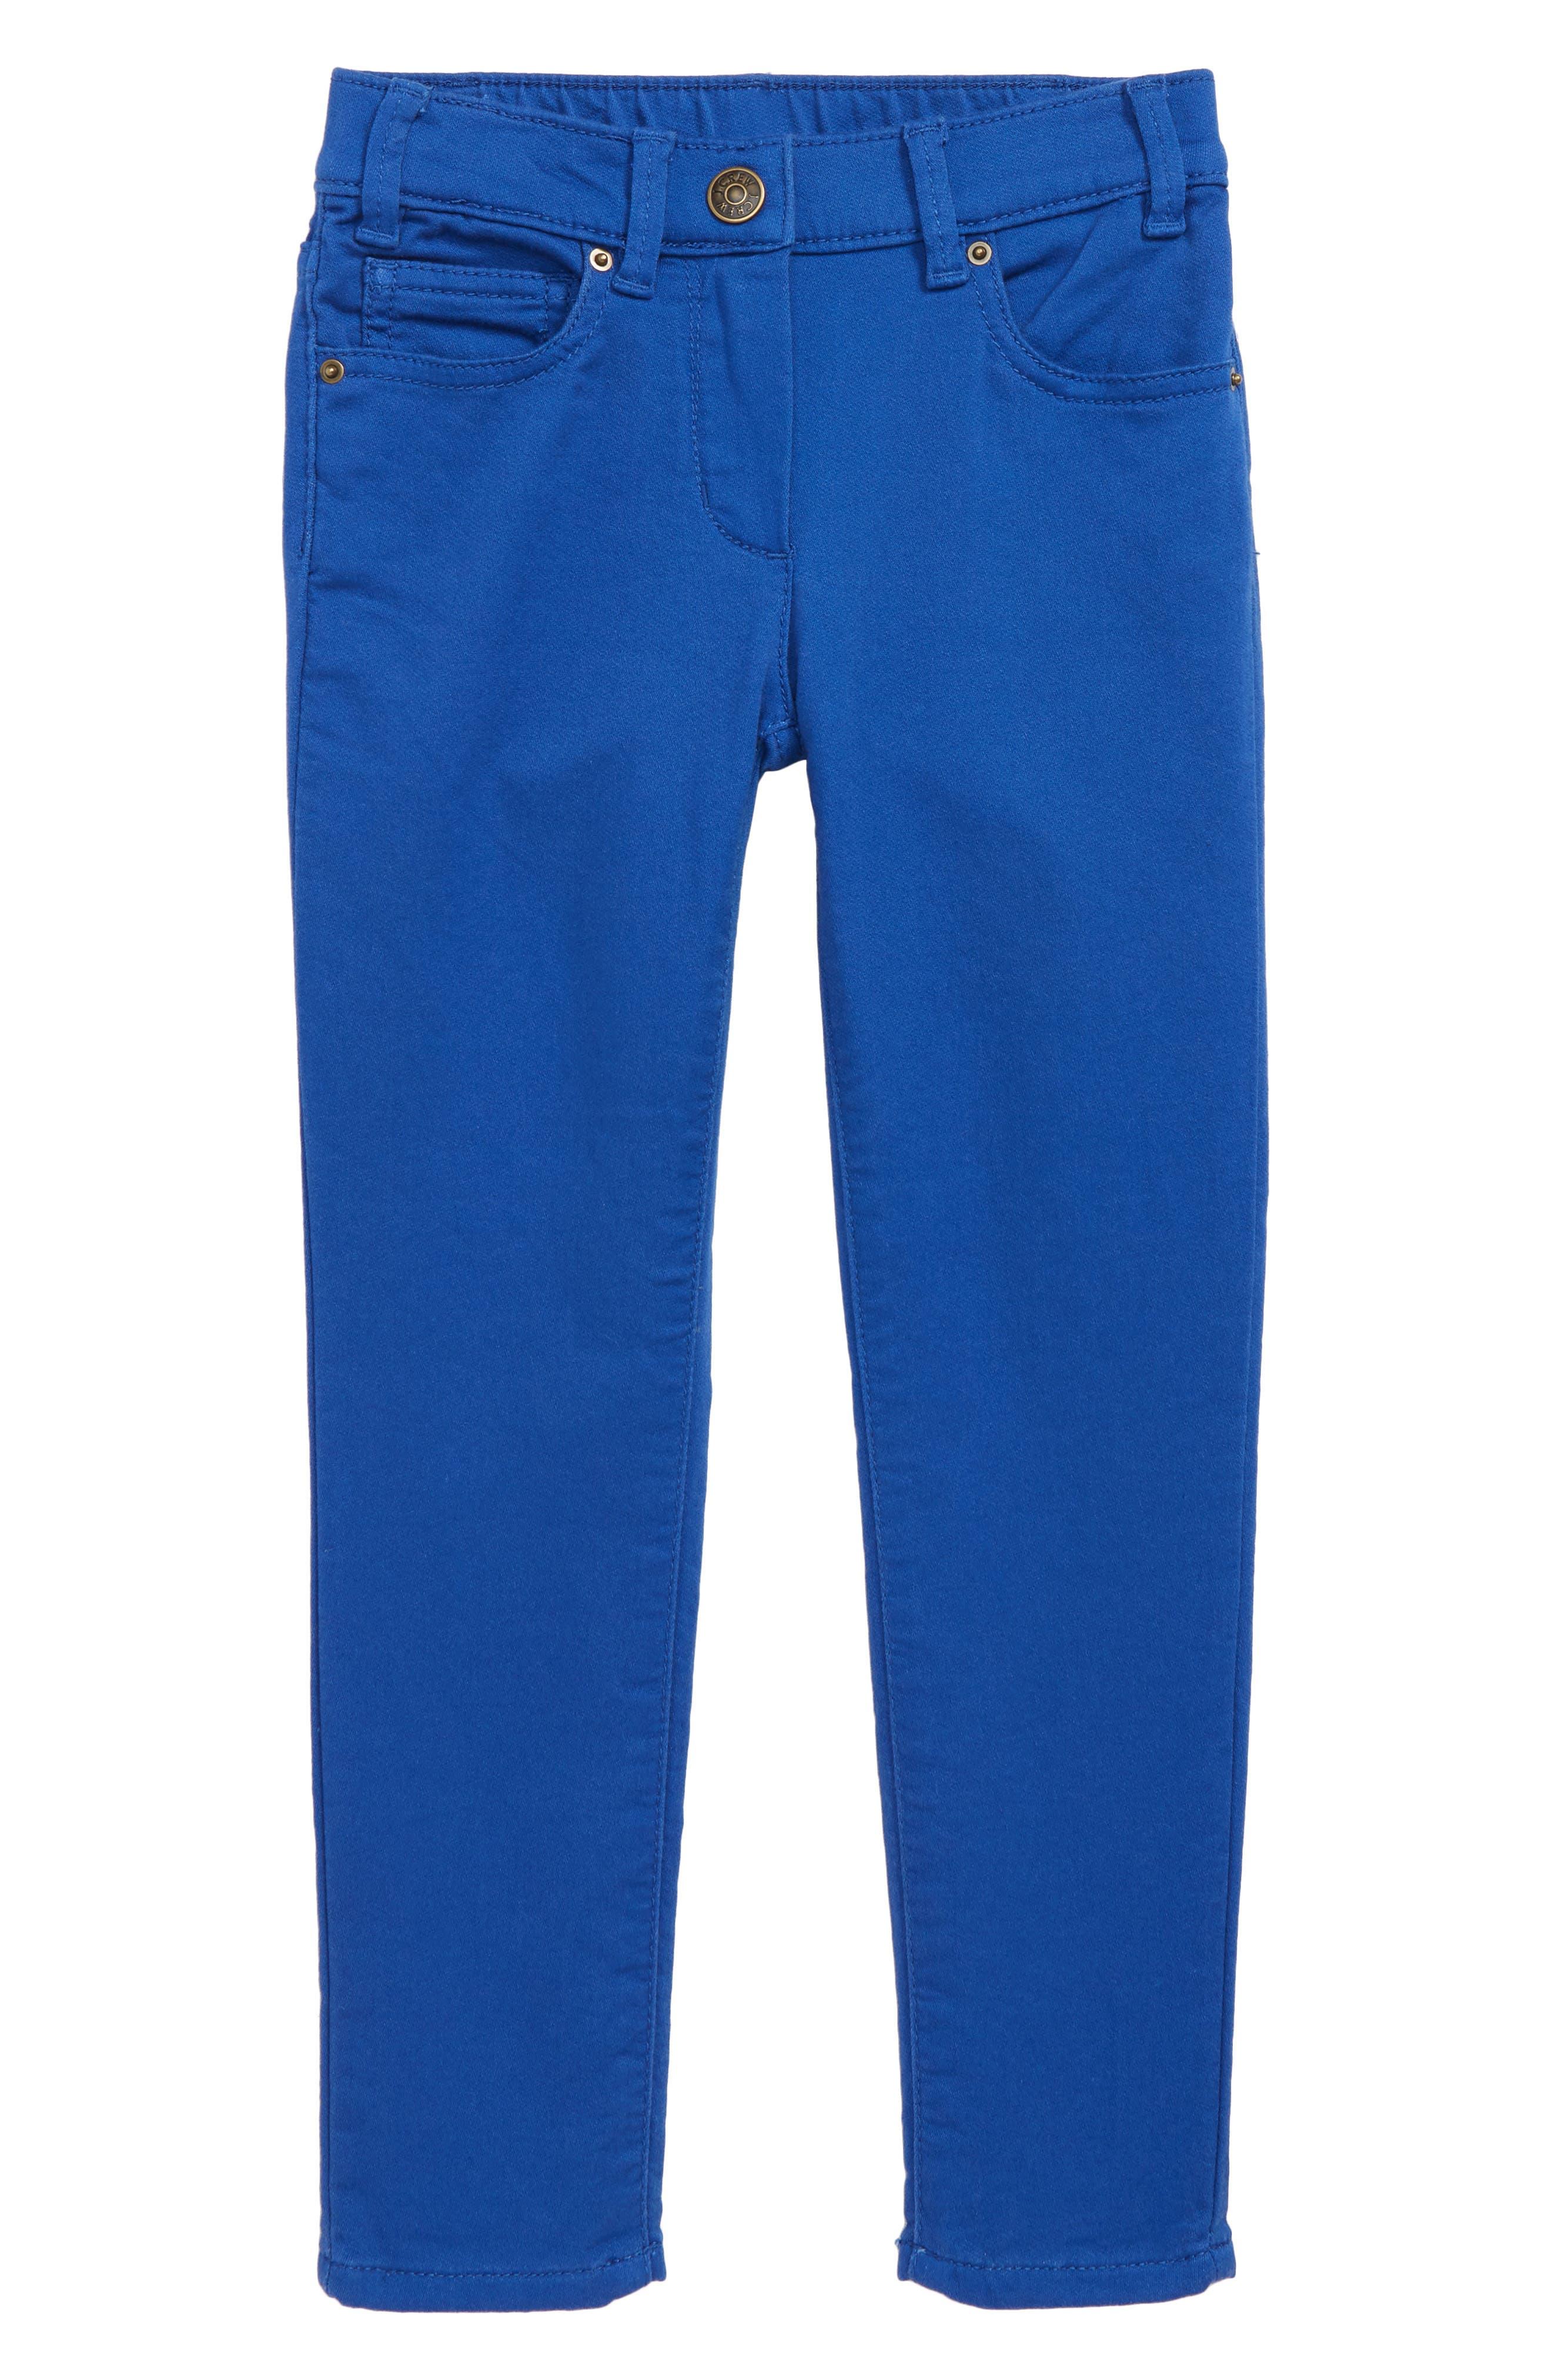 Runaround Garment Dye Jeans,                             Main thumbnail 1, color,                             LAGOON BLUE